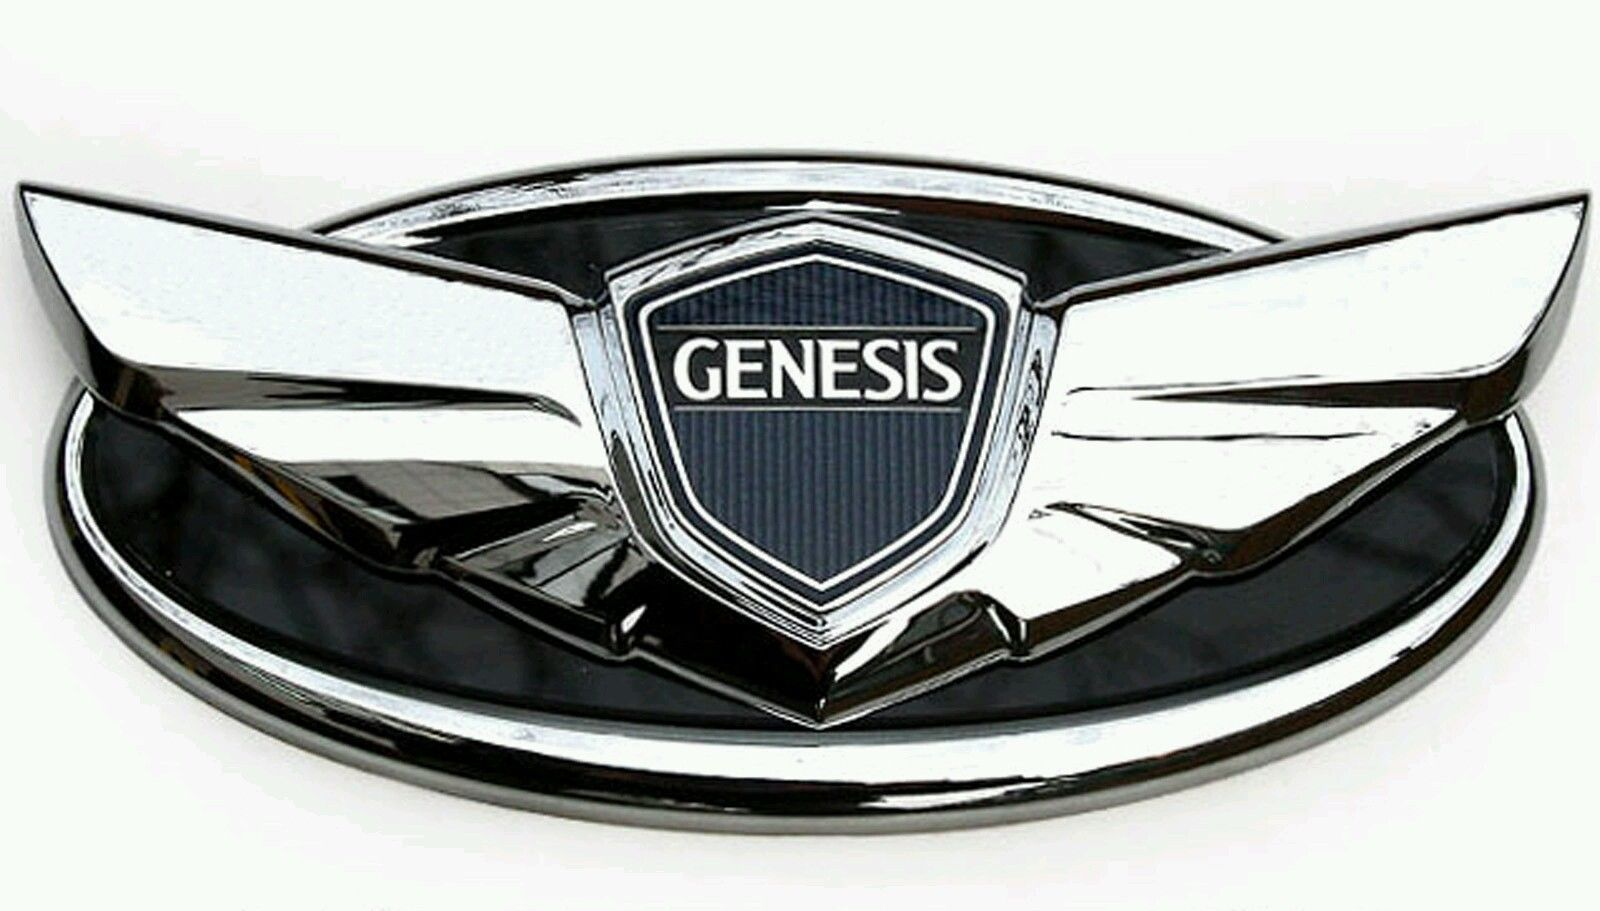 Hyundai Genesis emblem Wallpaper